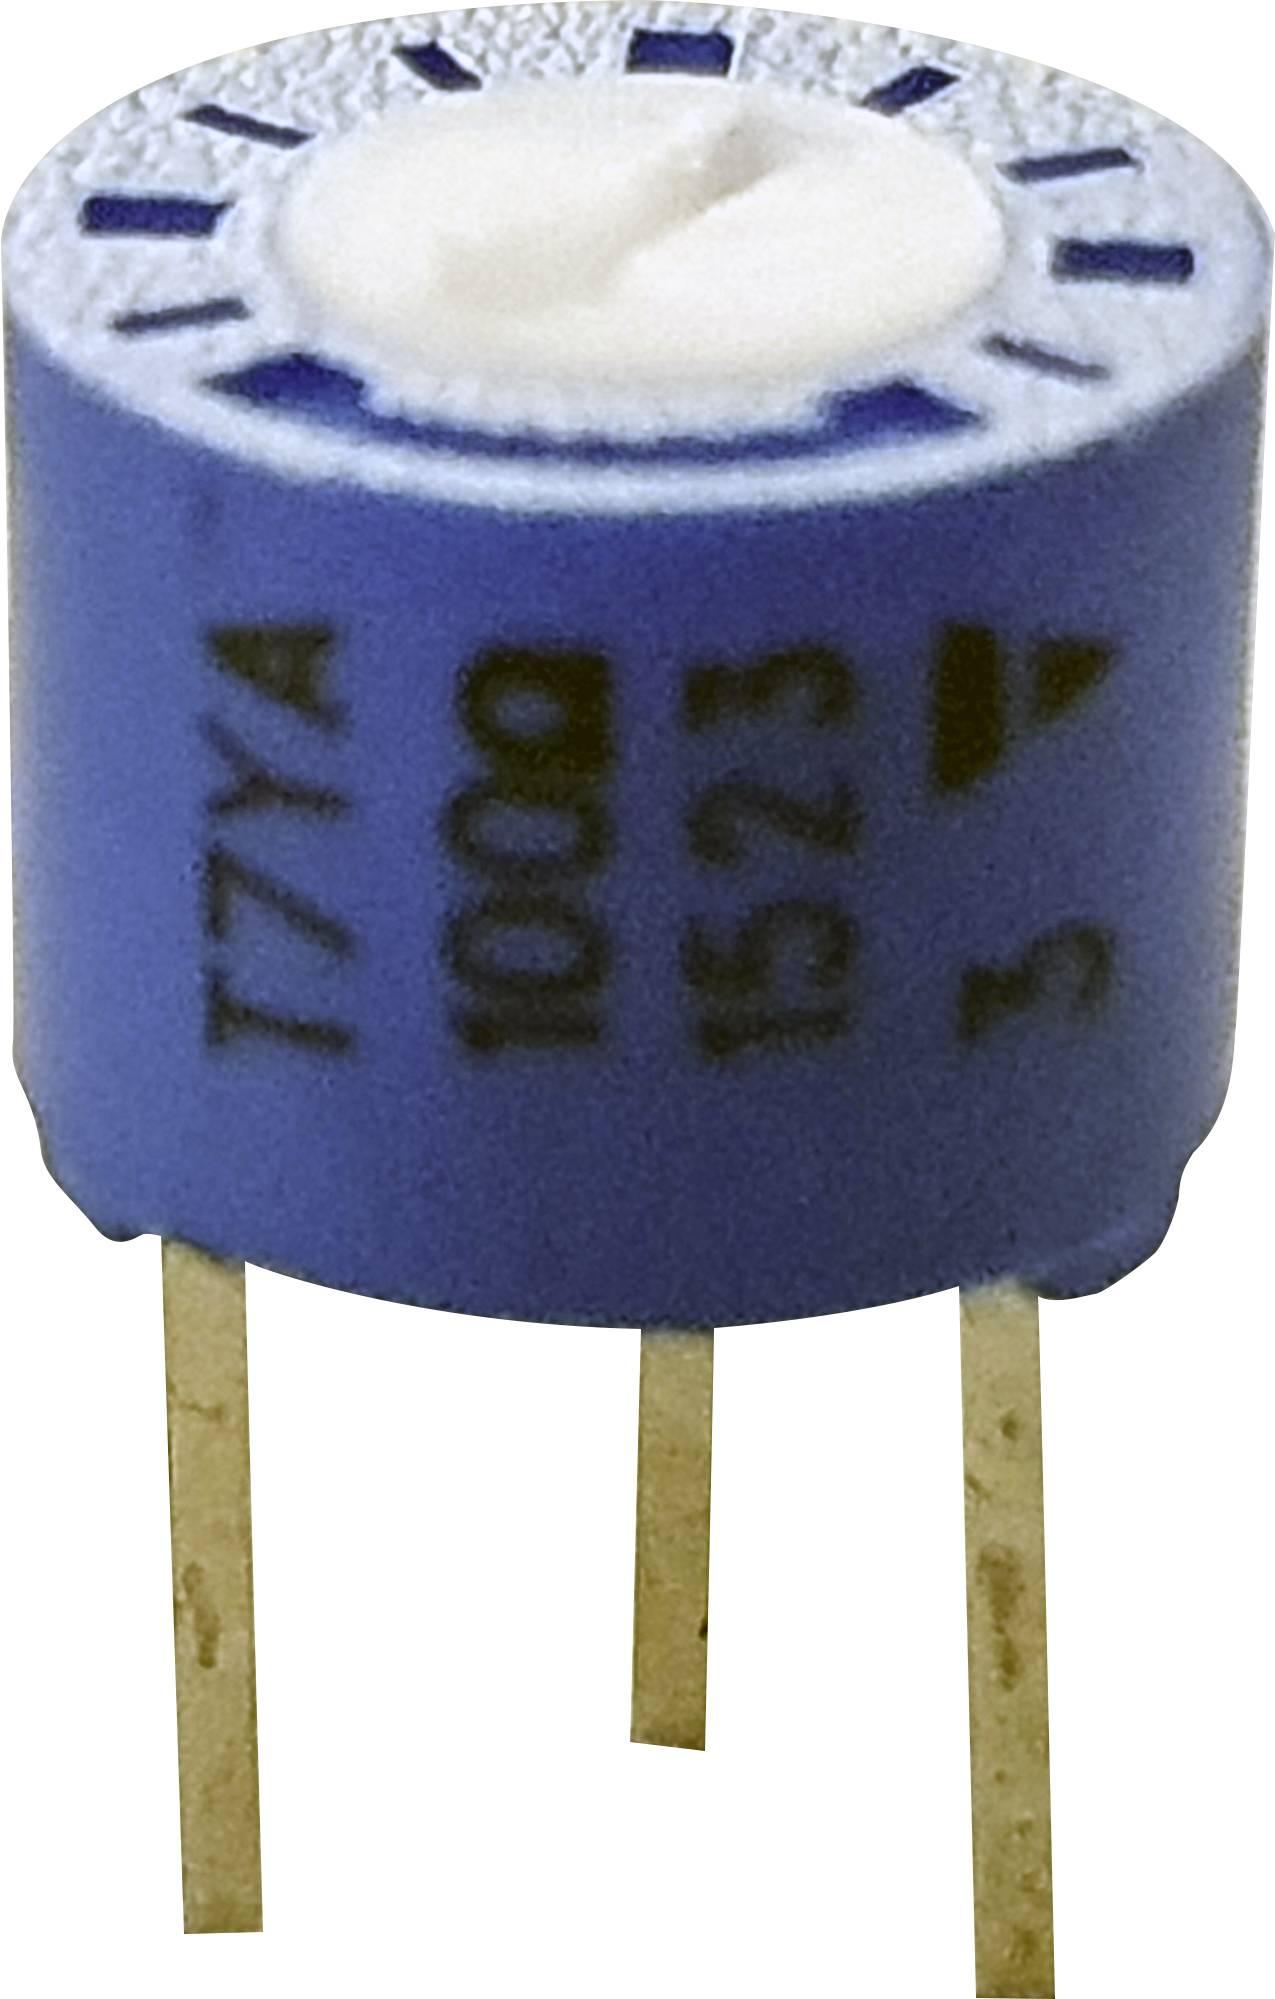 Precízny trimer Vishay 75 P 10K, lineárny, 10 kOhm, 0.5 W, 1 ks